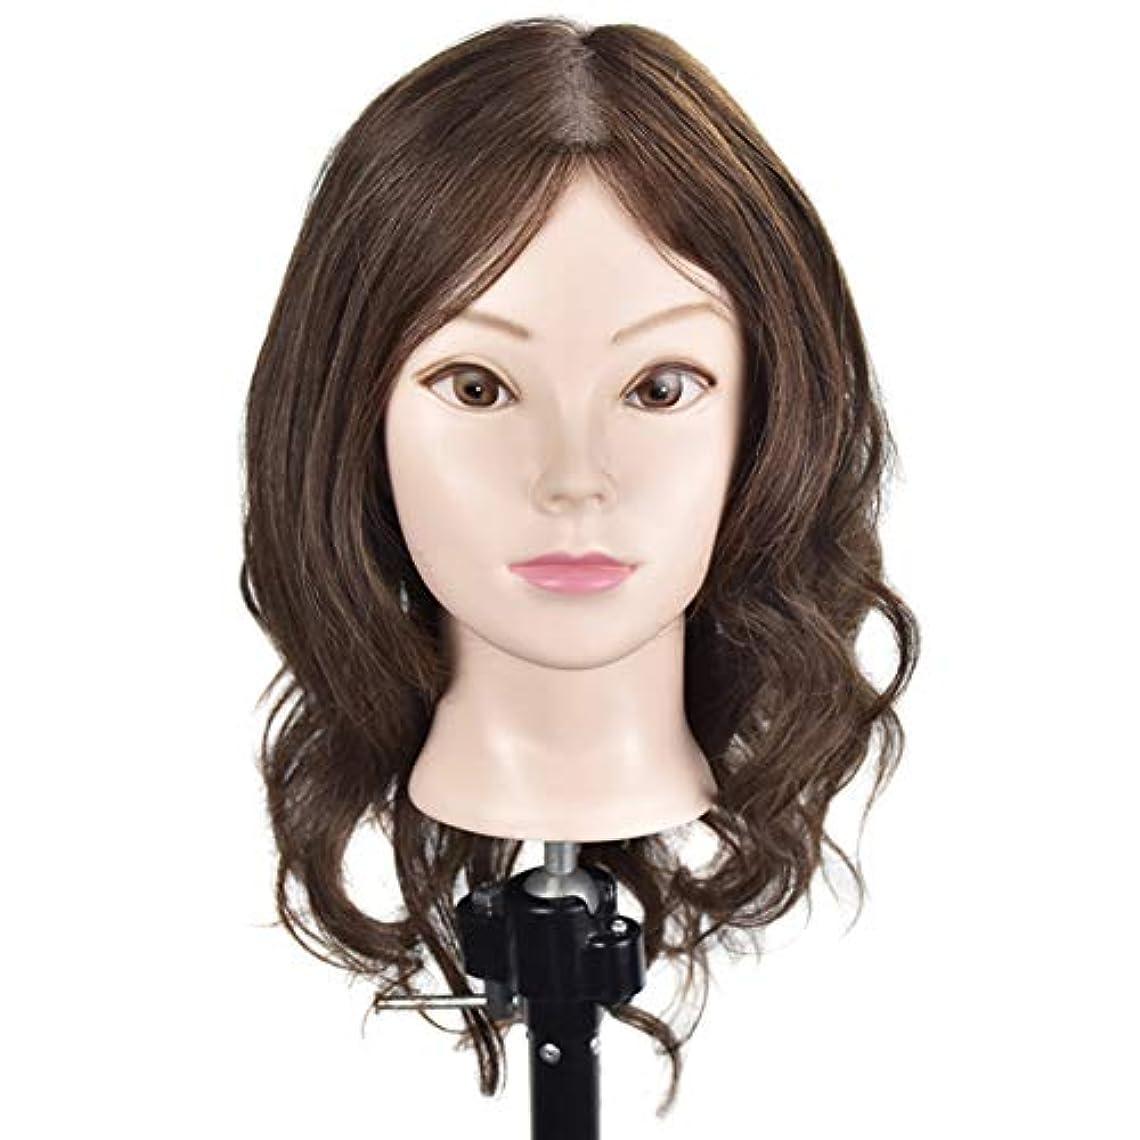 慢な徐々に辛な専門の練習ホット染色漂白はさみモデリングマネキン髪編組髪かつら女性モデルティーチングヘッド